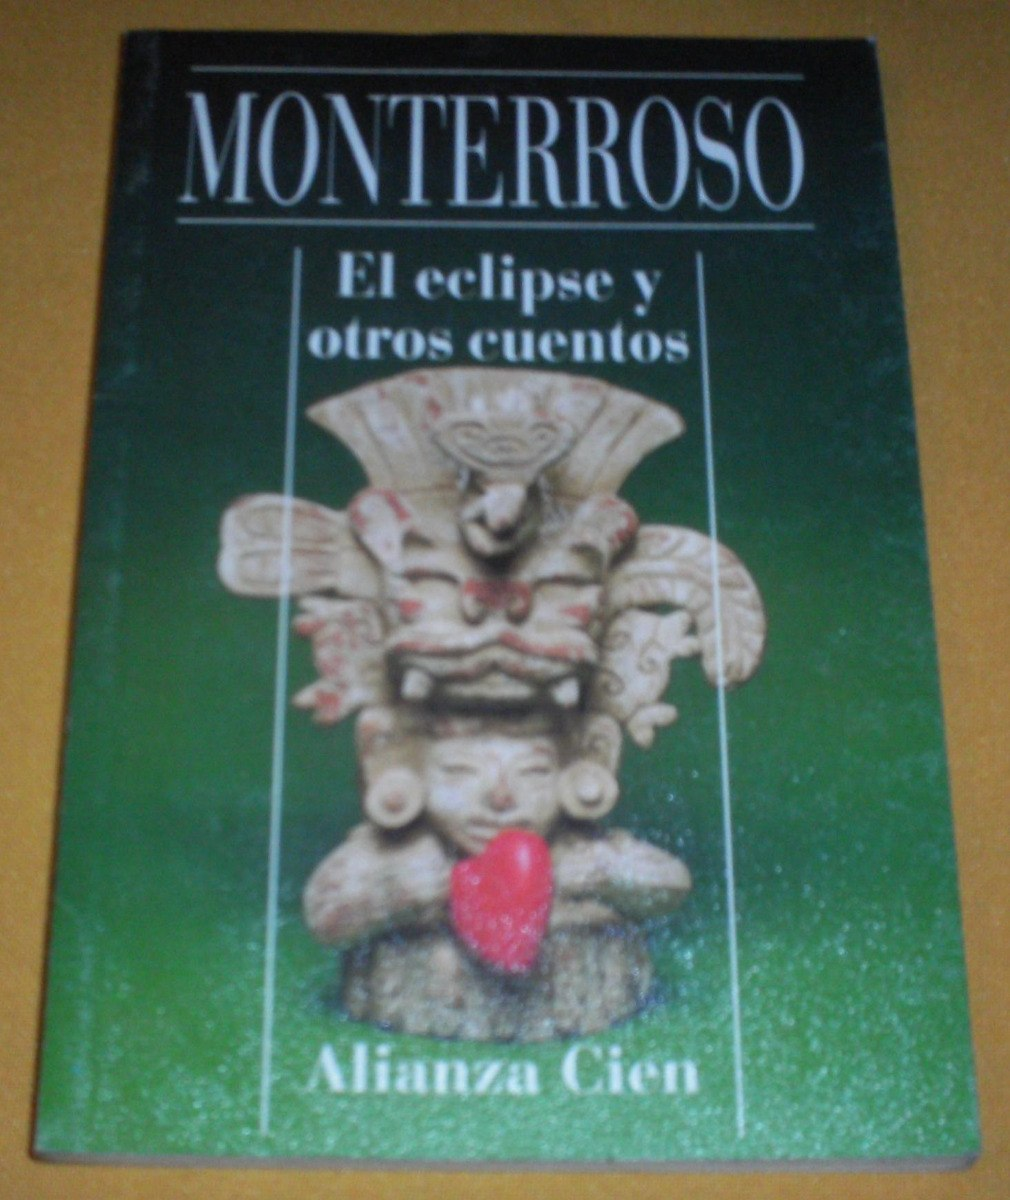 monterroso-el-eclipse-y-otros-cuentos-alianza-cien_MLA-F-132023453_8306